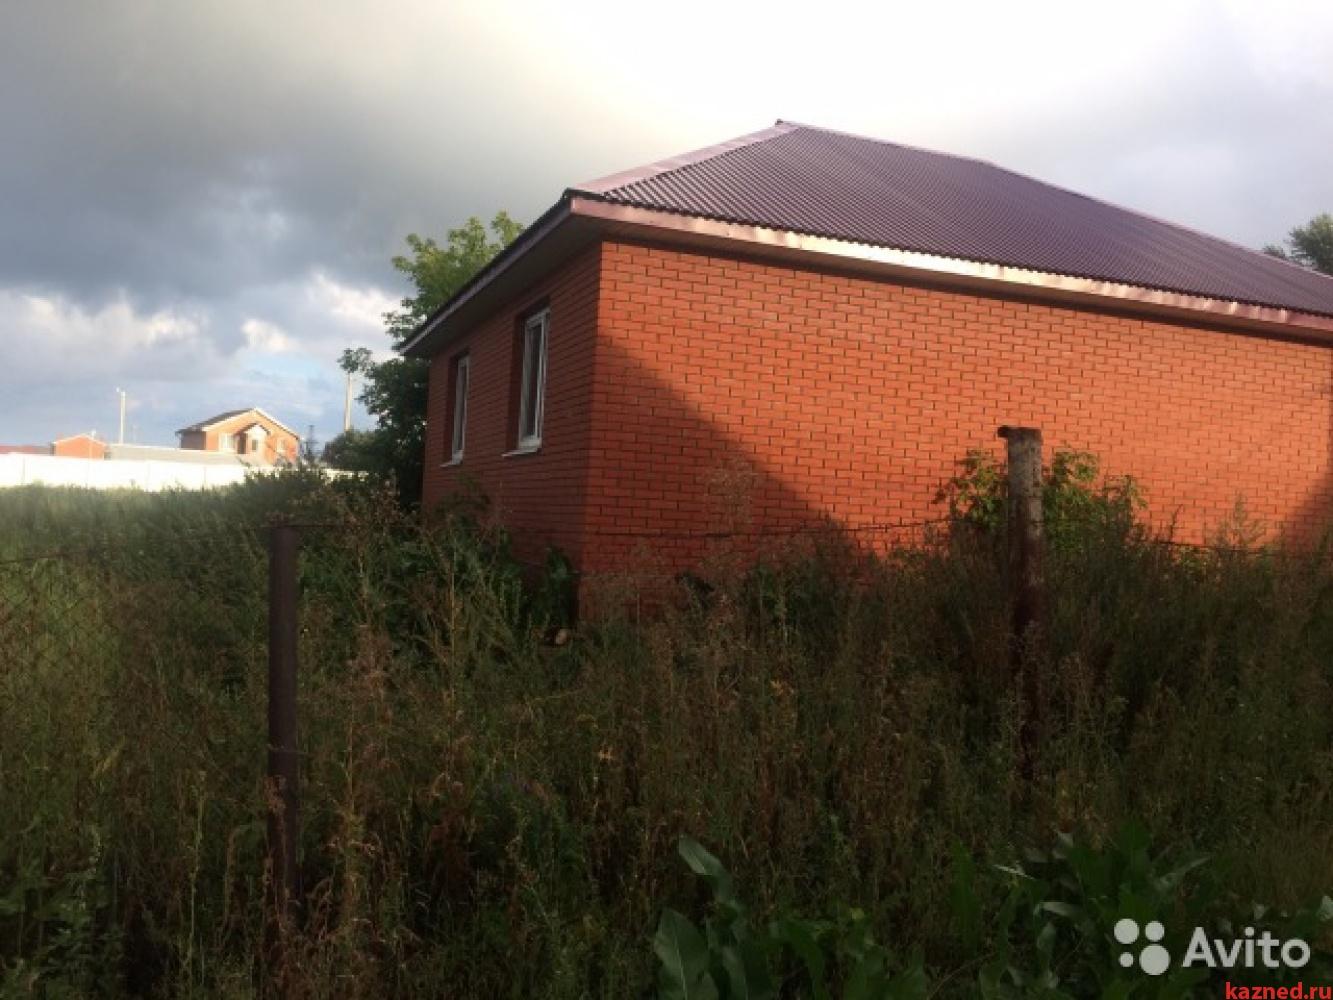 Продажа  Дома Салмачи. ул Центральная., 90 м2  (миниатюра №3)